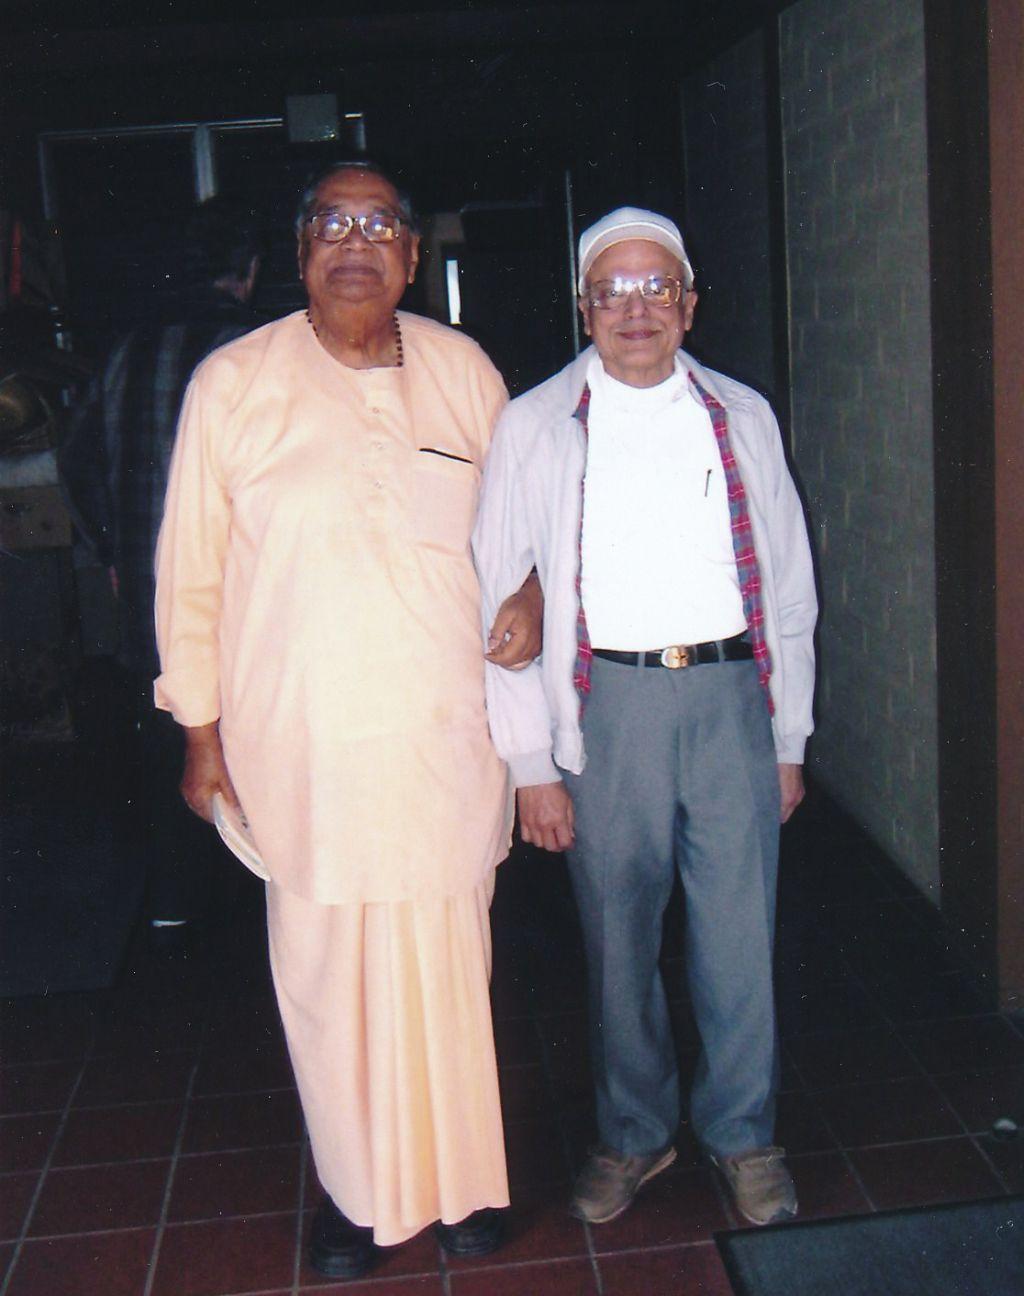 2006-10-15 Sw. Sridharananda's Visit, Sw. Prapannananda